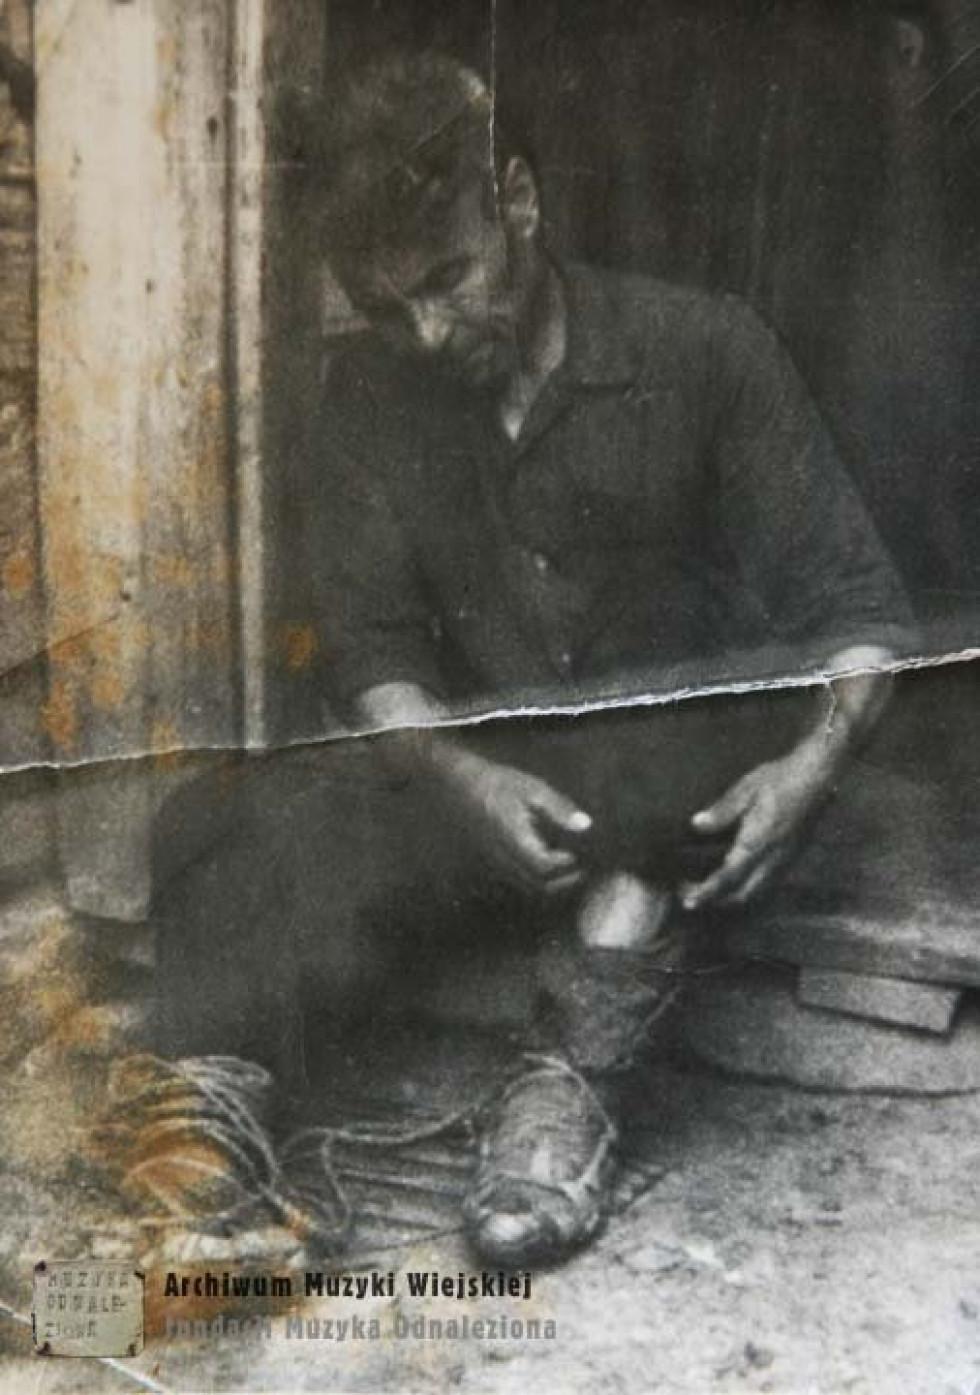 Чоловік одягає постоли. Велика Глуша, 1970